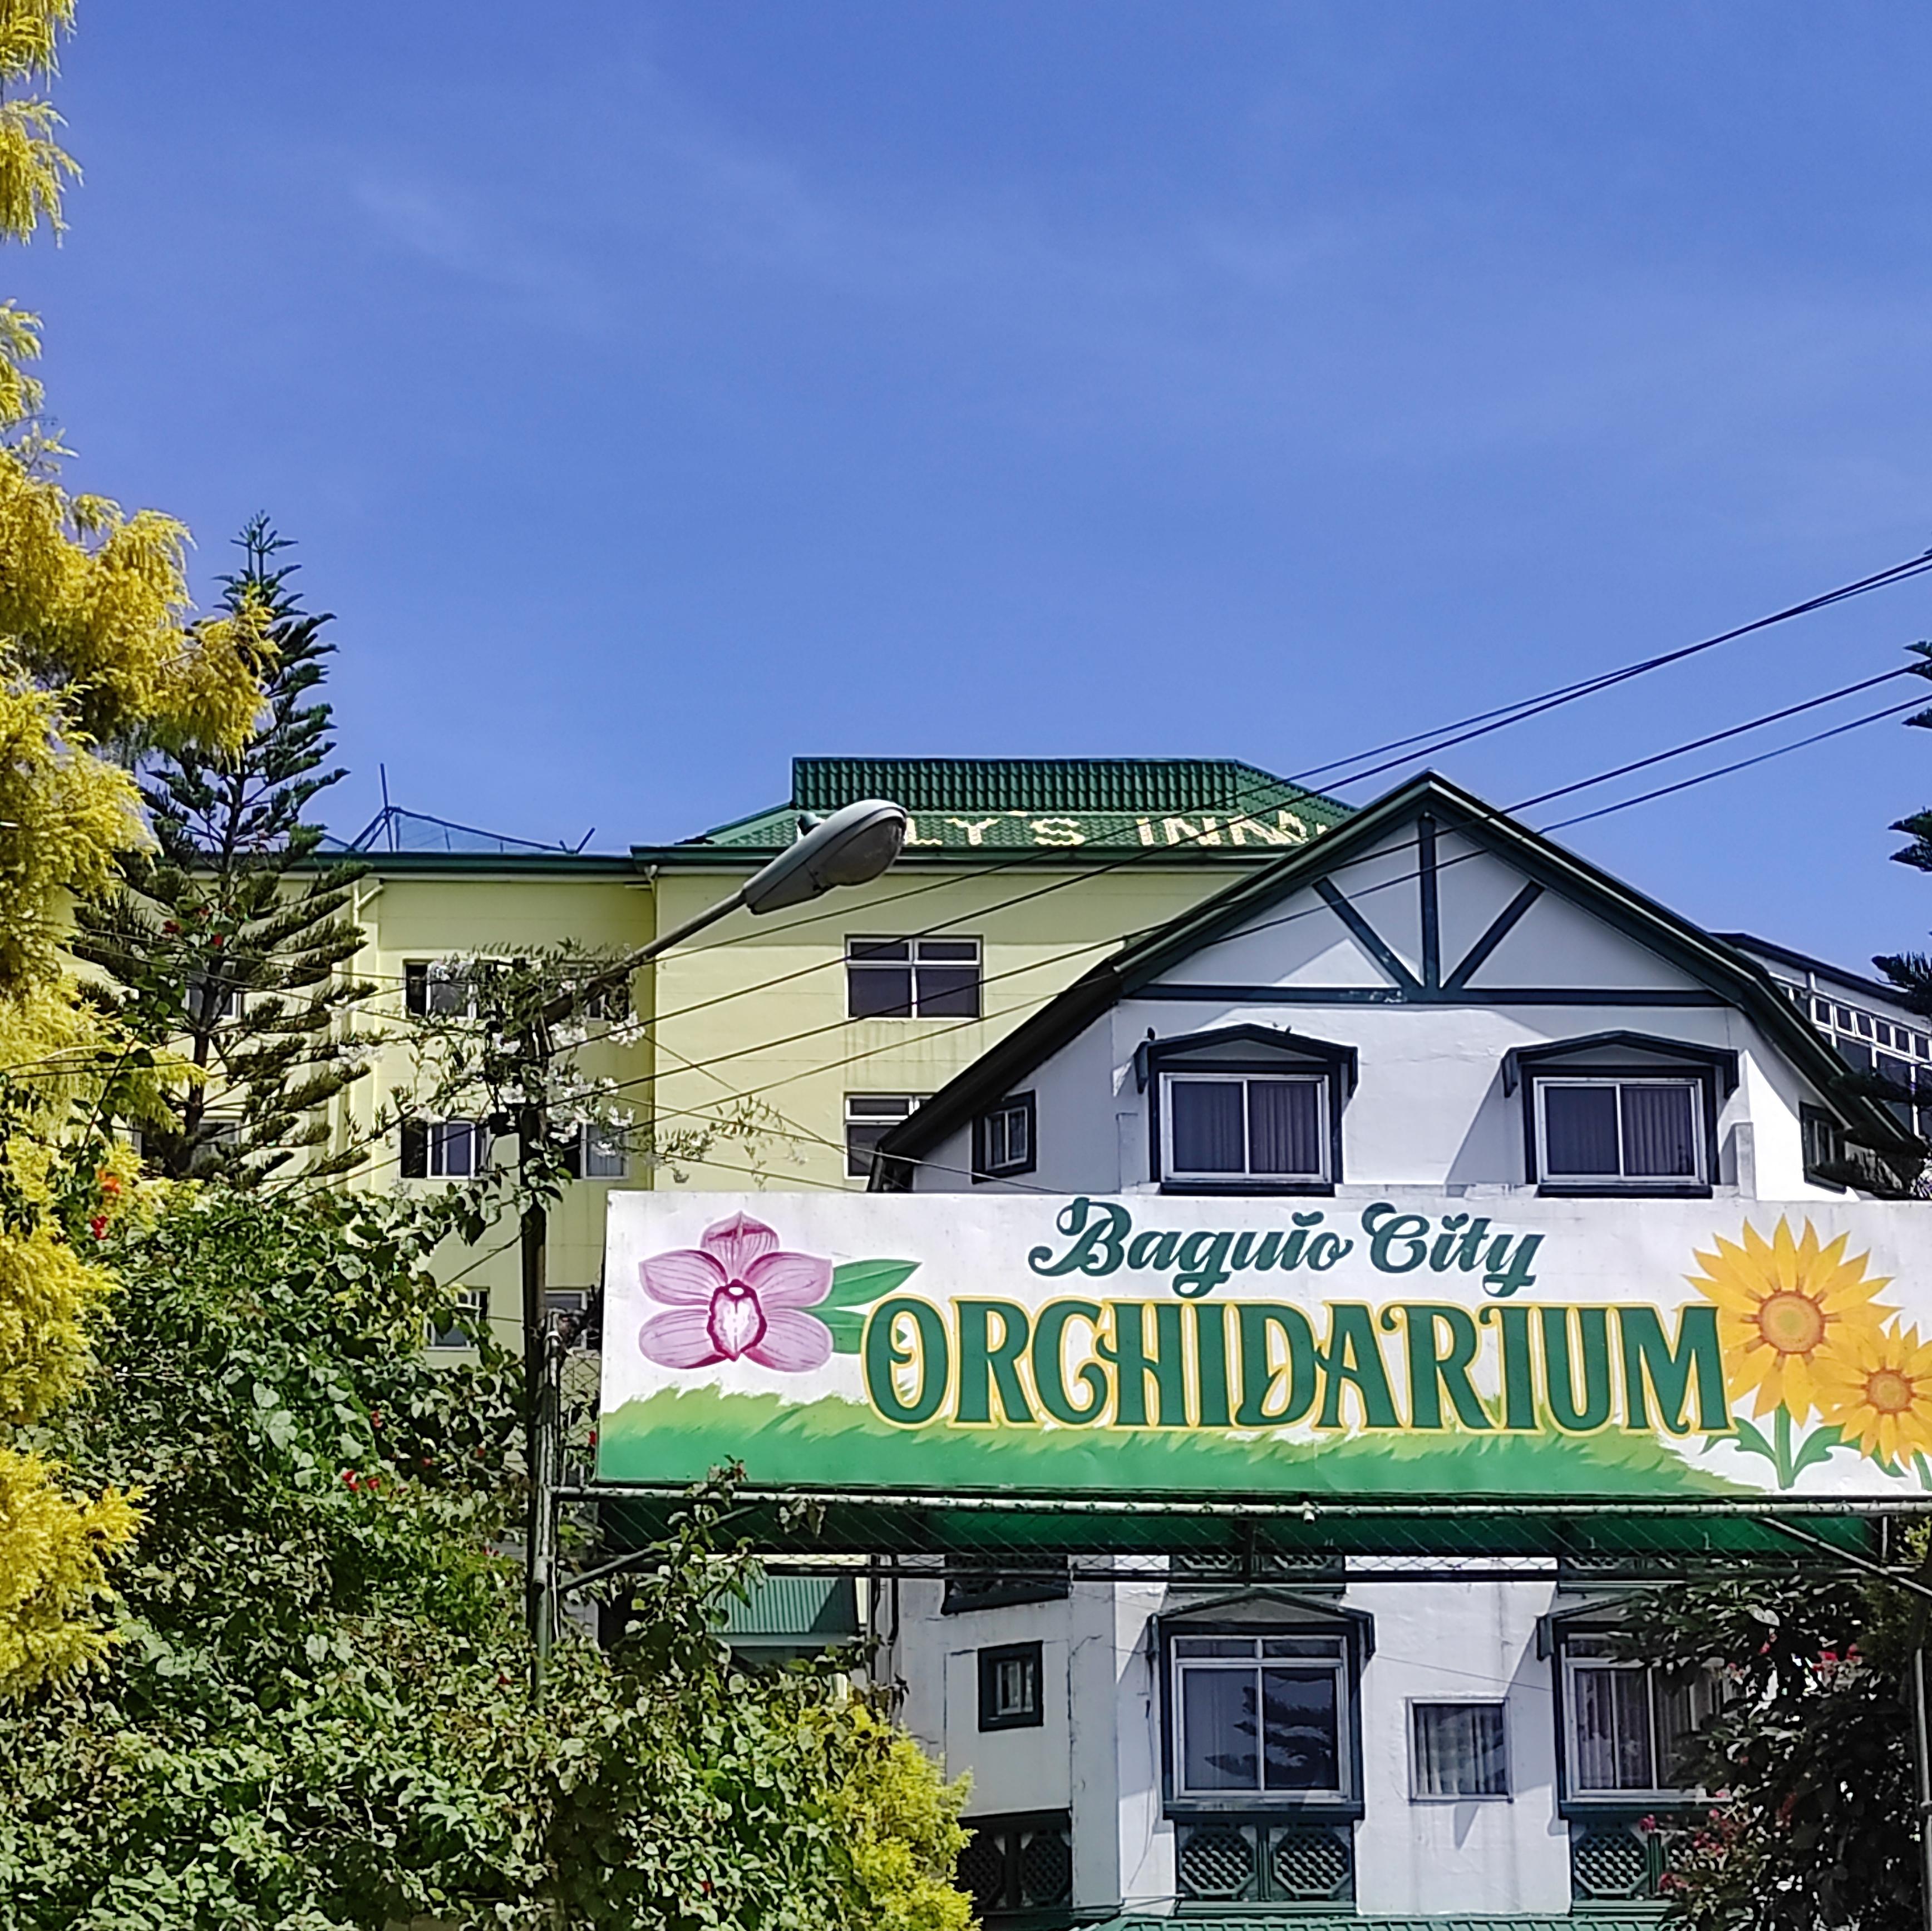 The Orchidarium in Baguio City Philippines